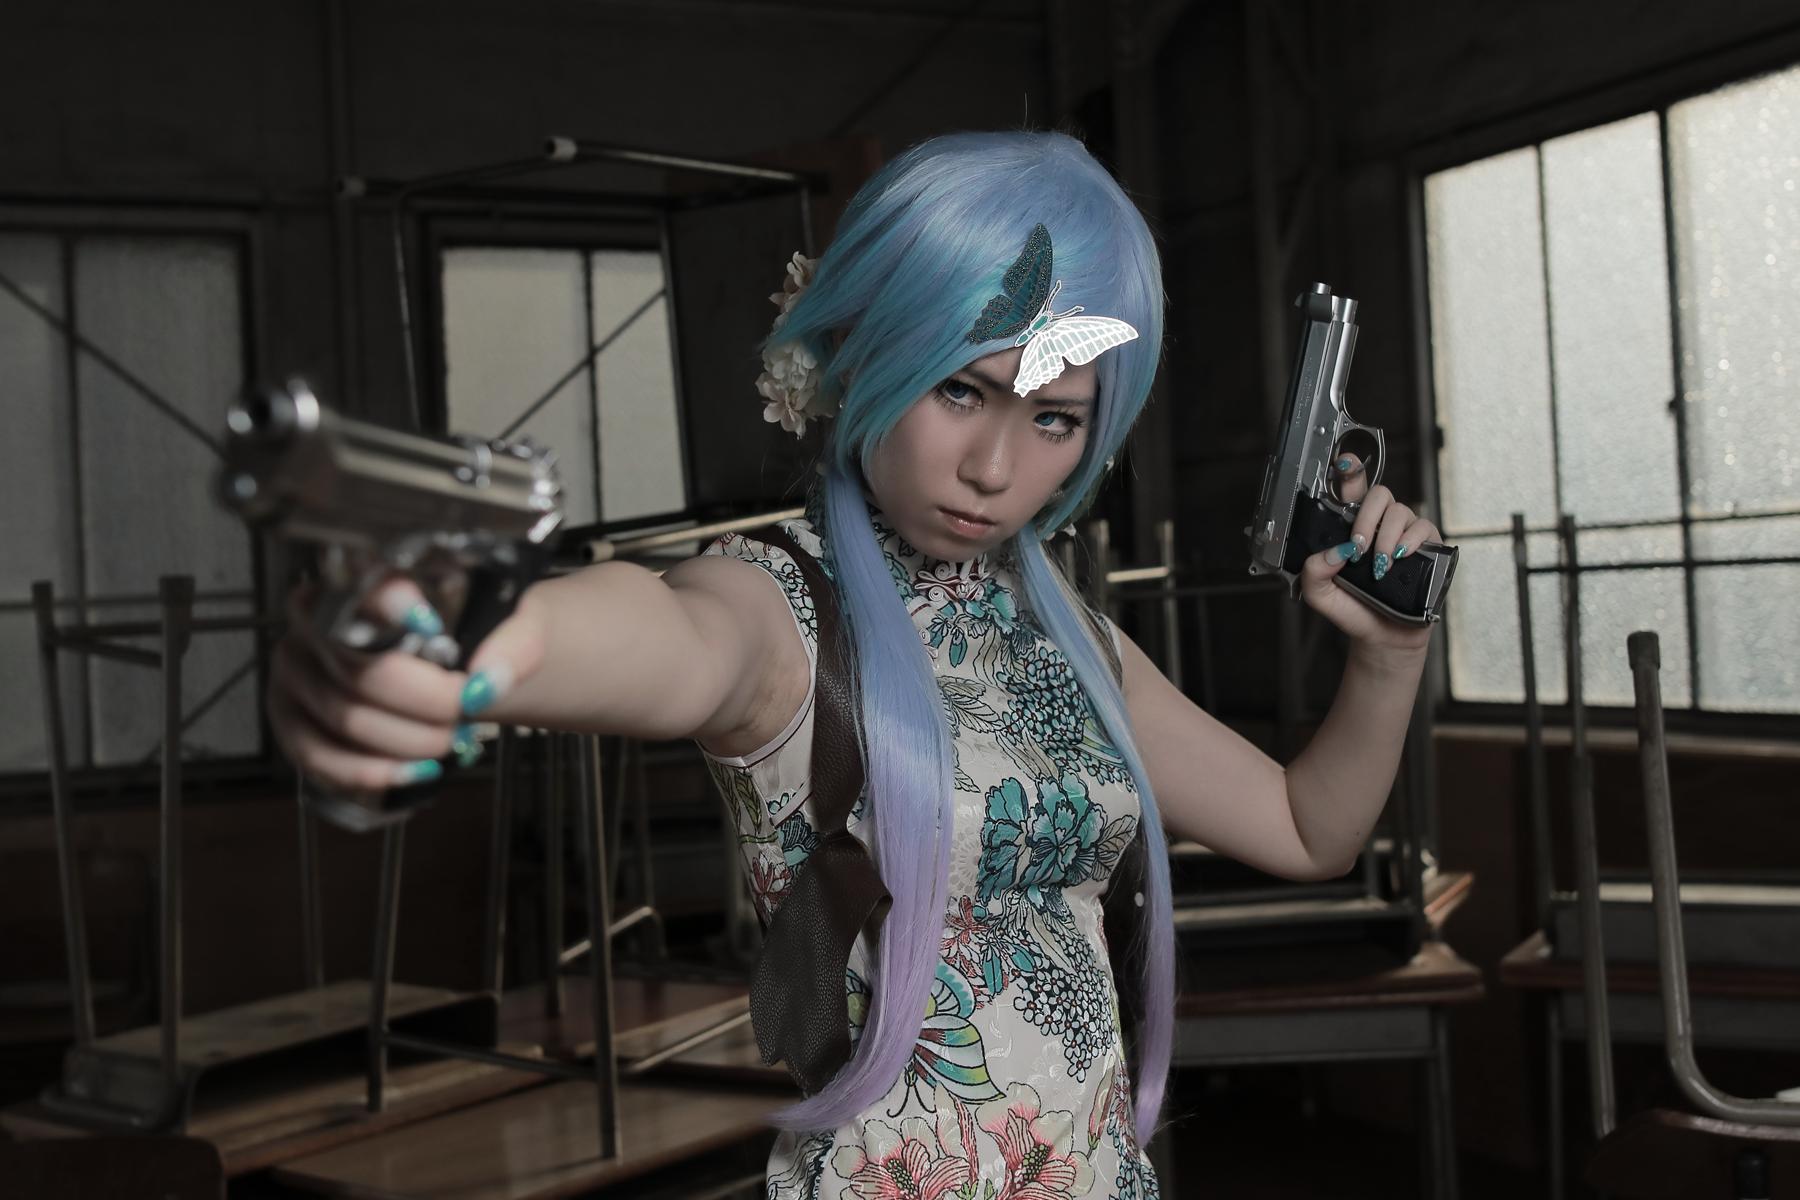 2挺拳銃とチャイナドレス